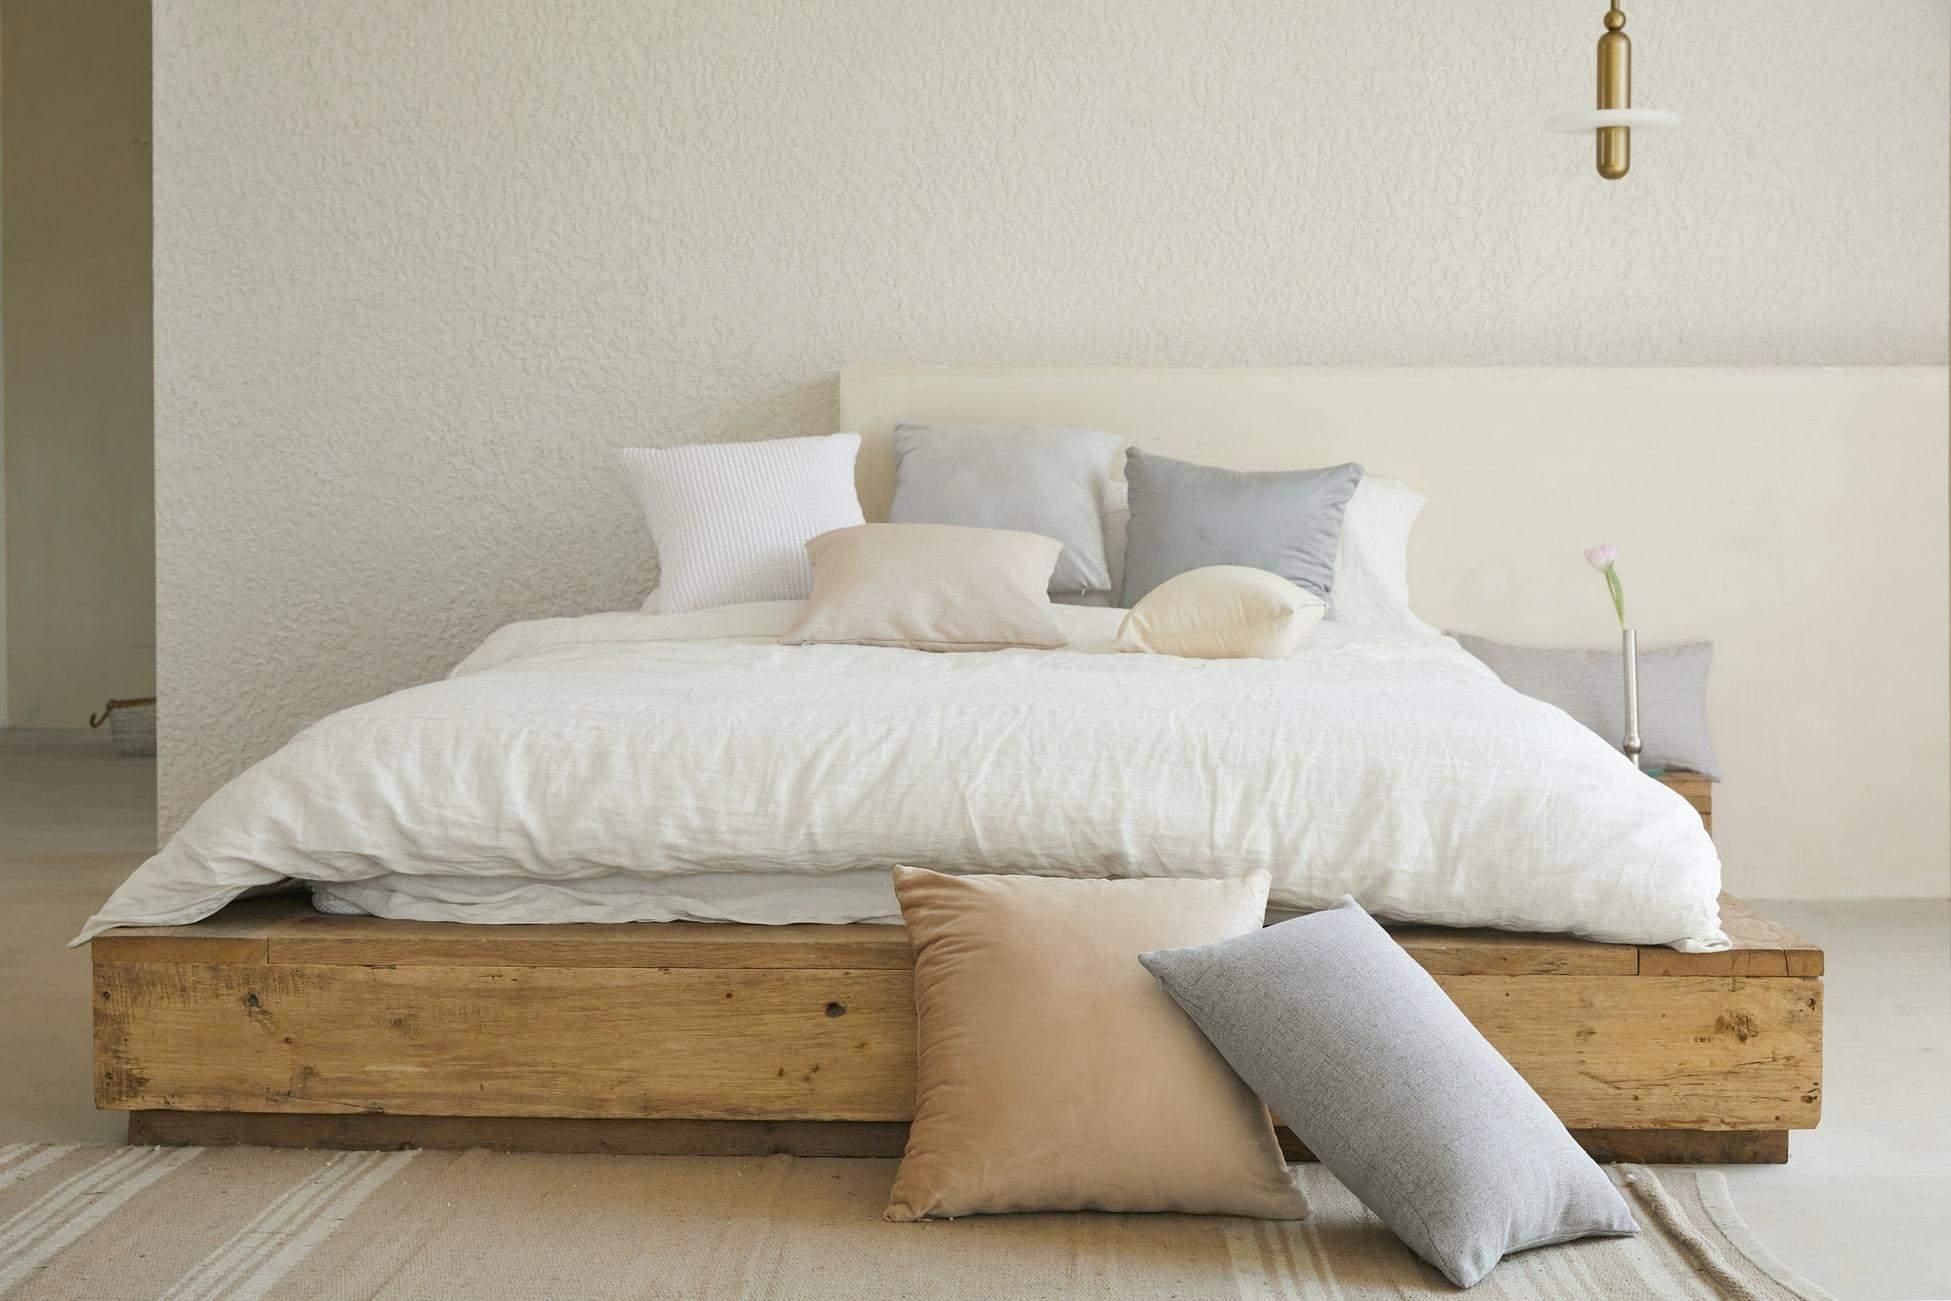 Використовуйте прості меблі без ніжок